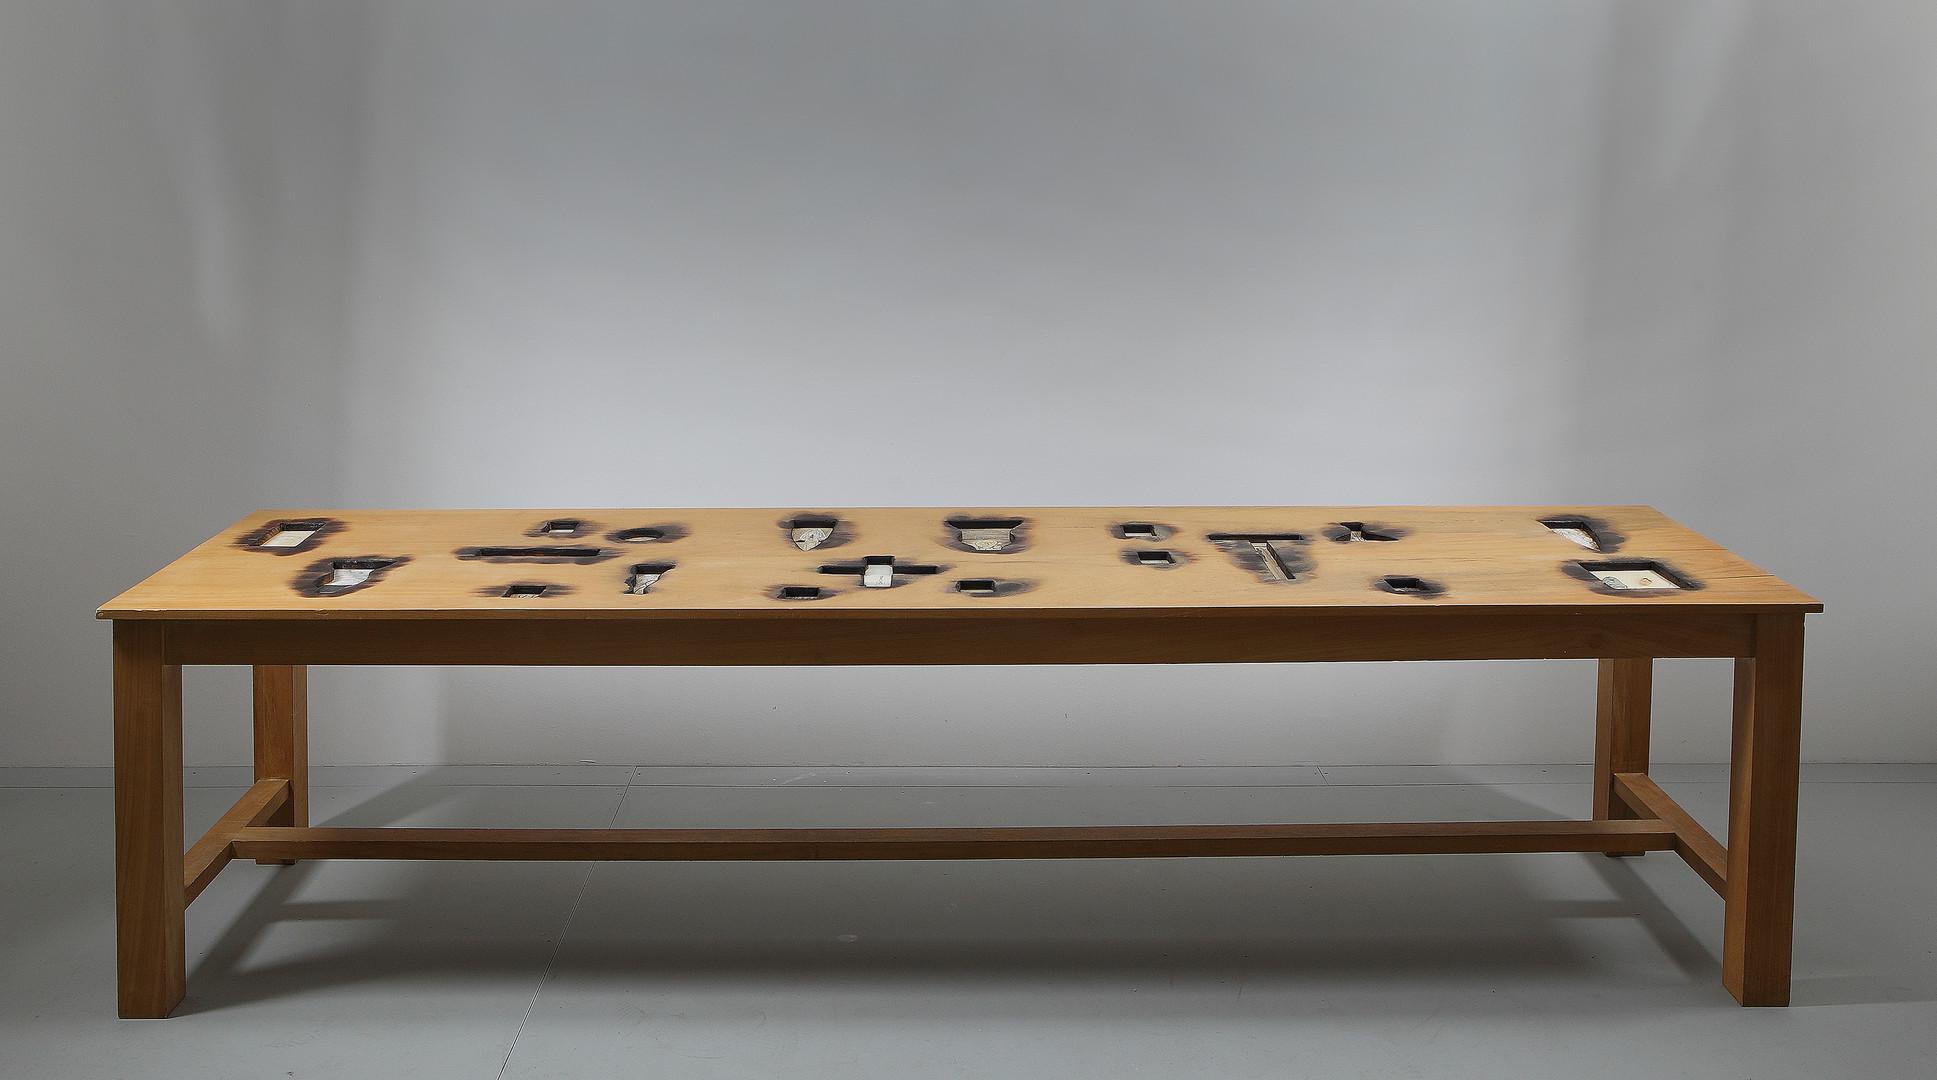 Tavolo realizzato da Mimmo Paladino